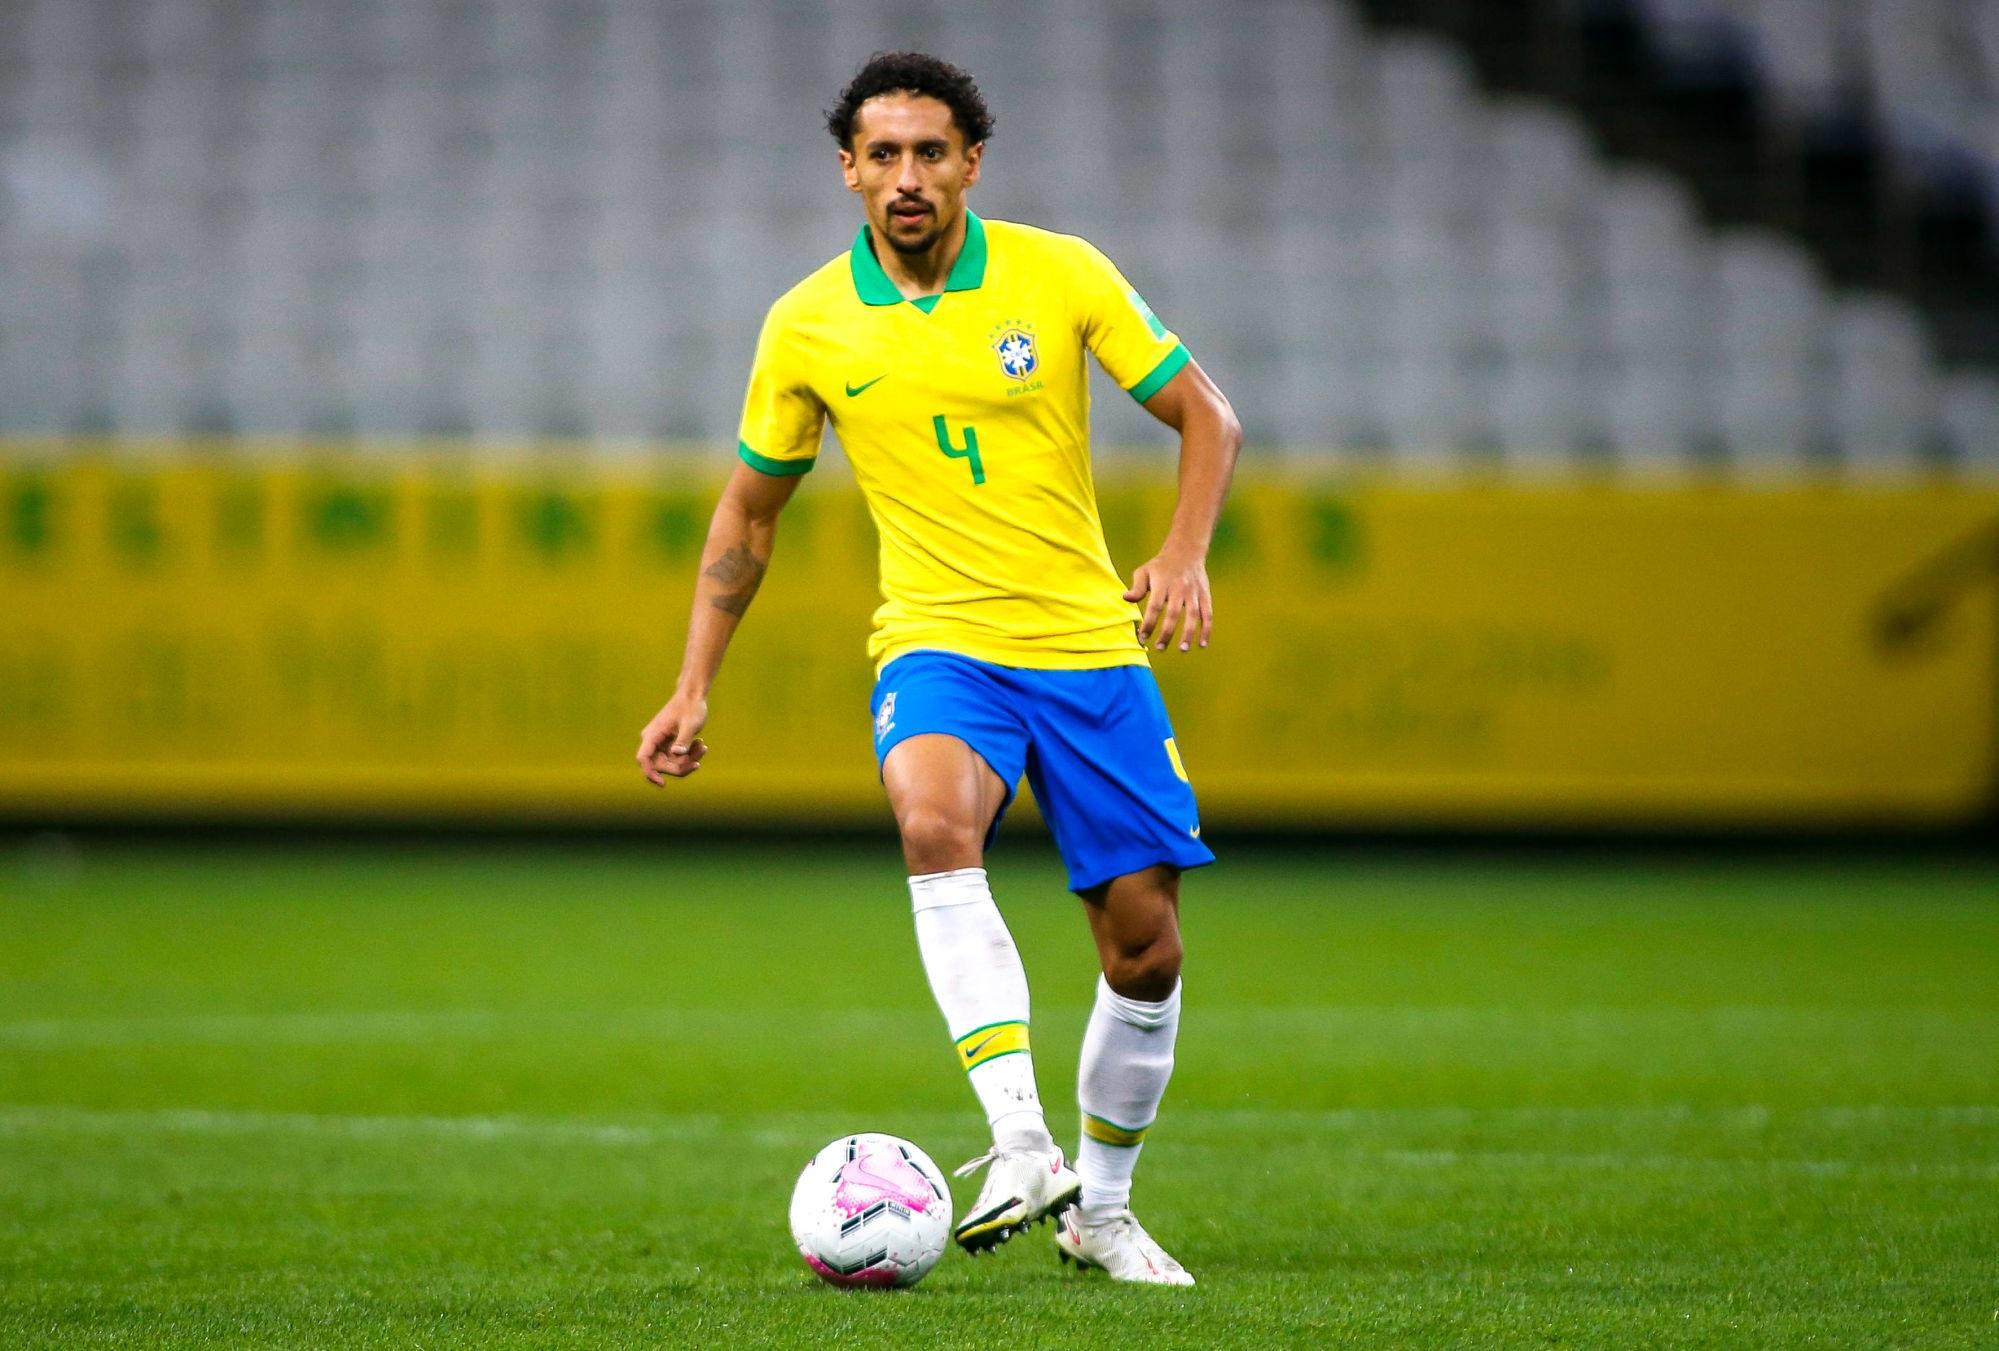 Uruguay/Brésil - Les équipes officielles : Marquinhos titulaire